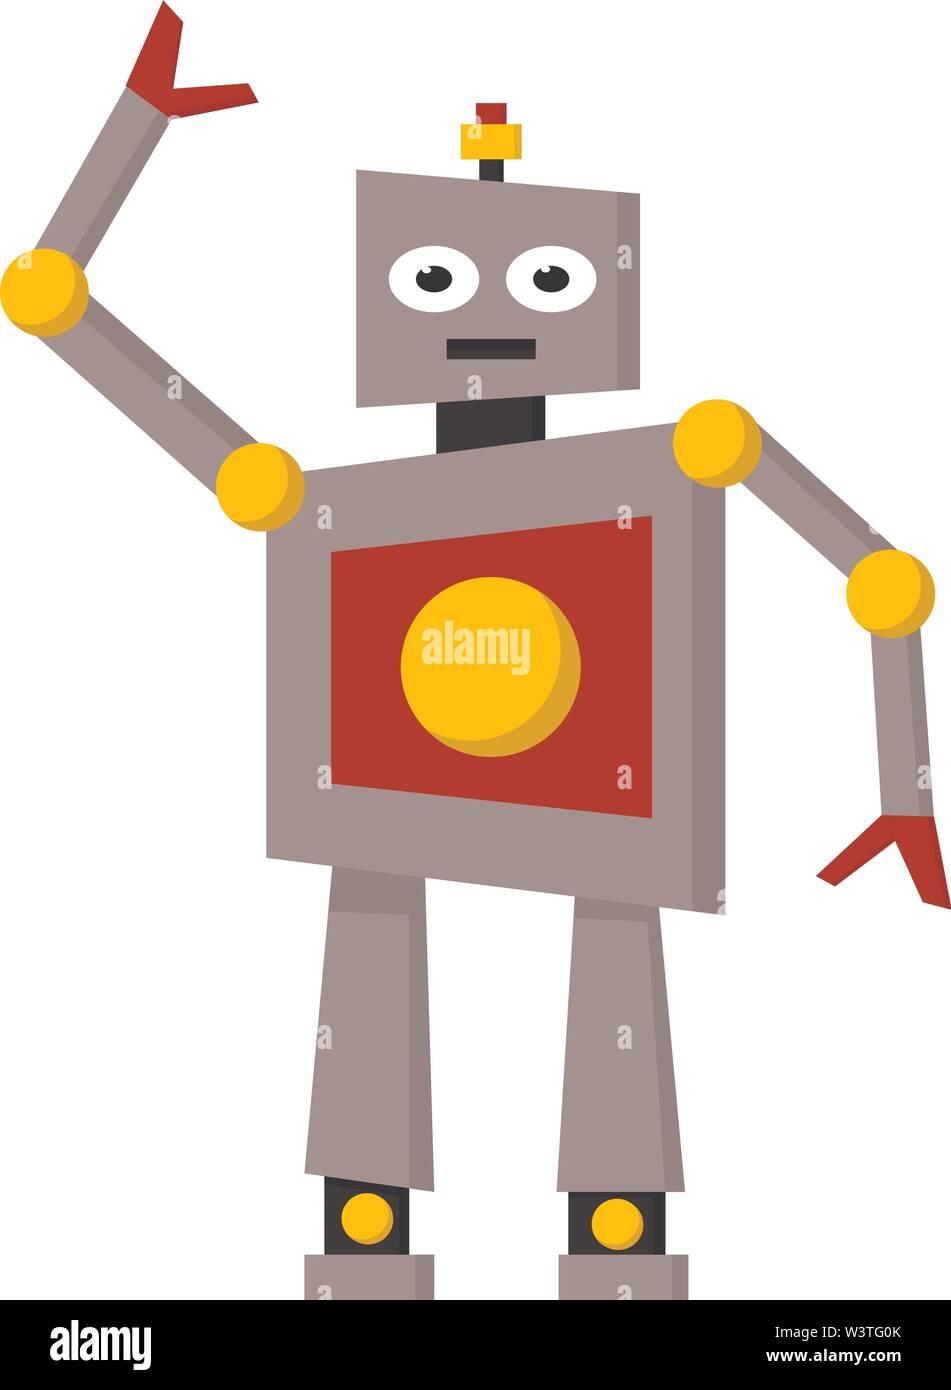 Un robot avec de grandes mains et jambes, Scénario, dessin en couleur ou d'illustration. Photo Stock